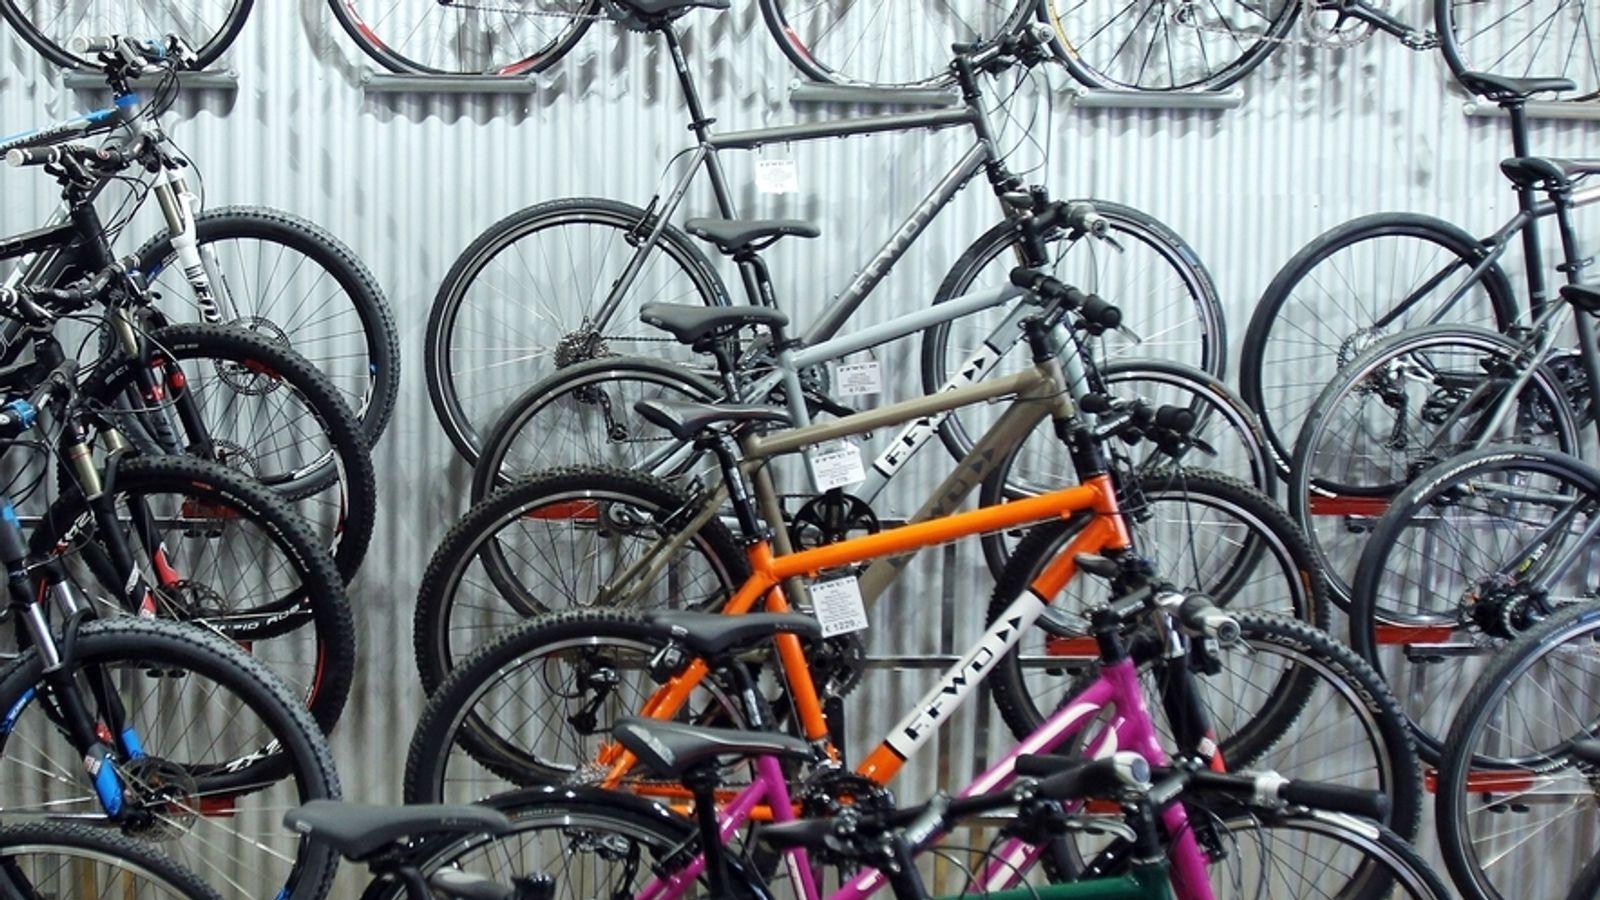 Fahrräder im Wert von 140.000 Euro in Roth gestohlen - BR24